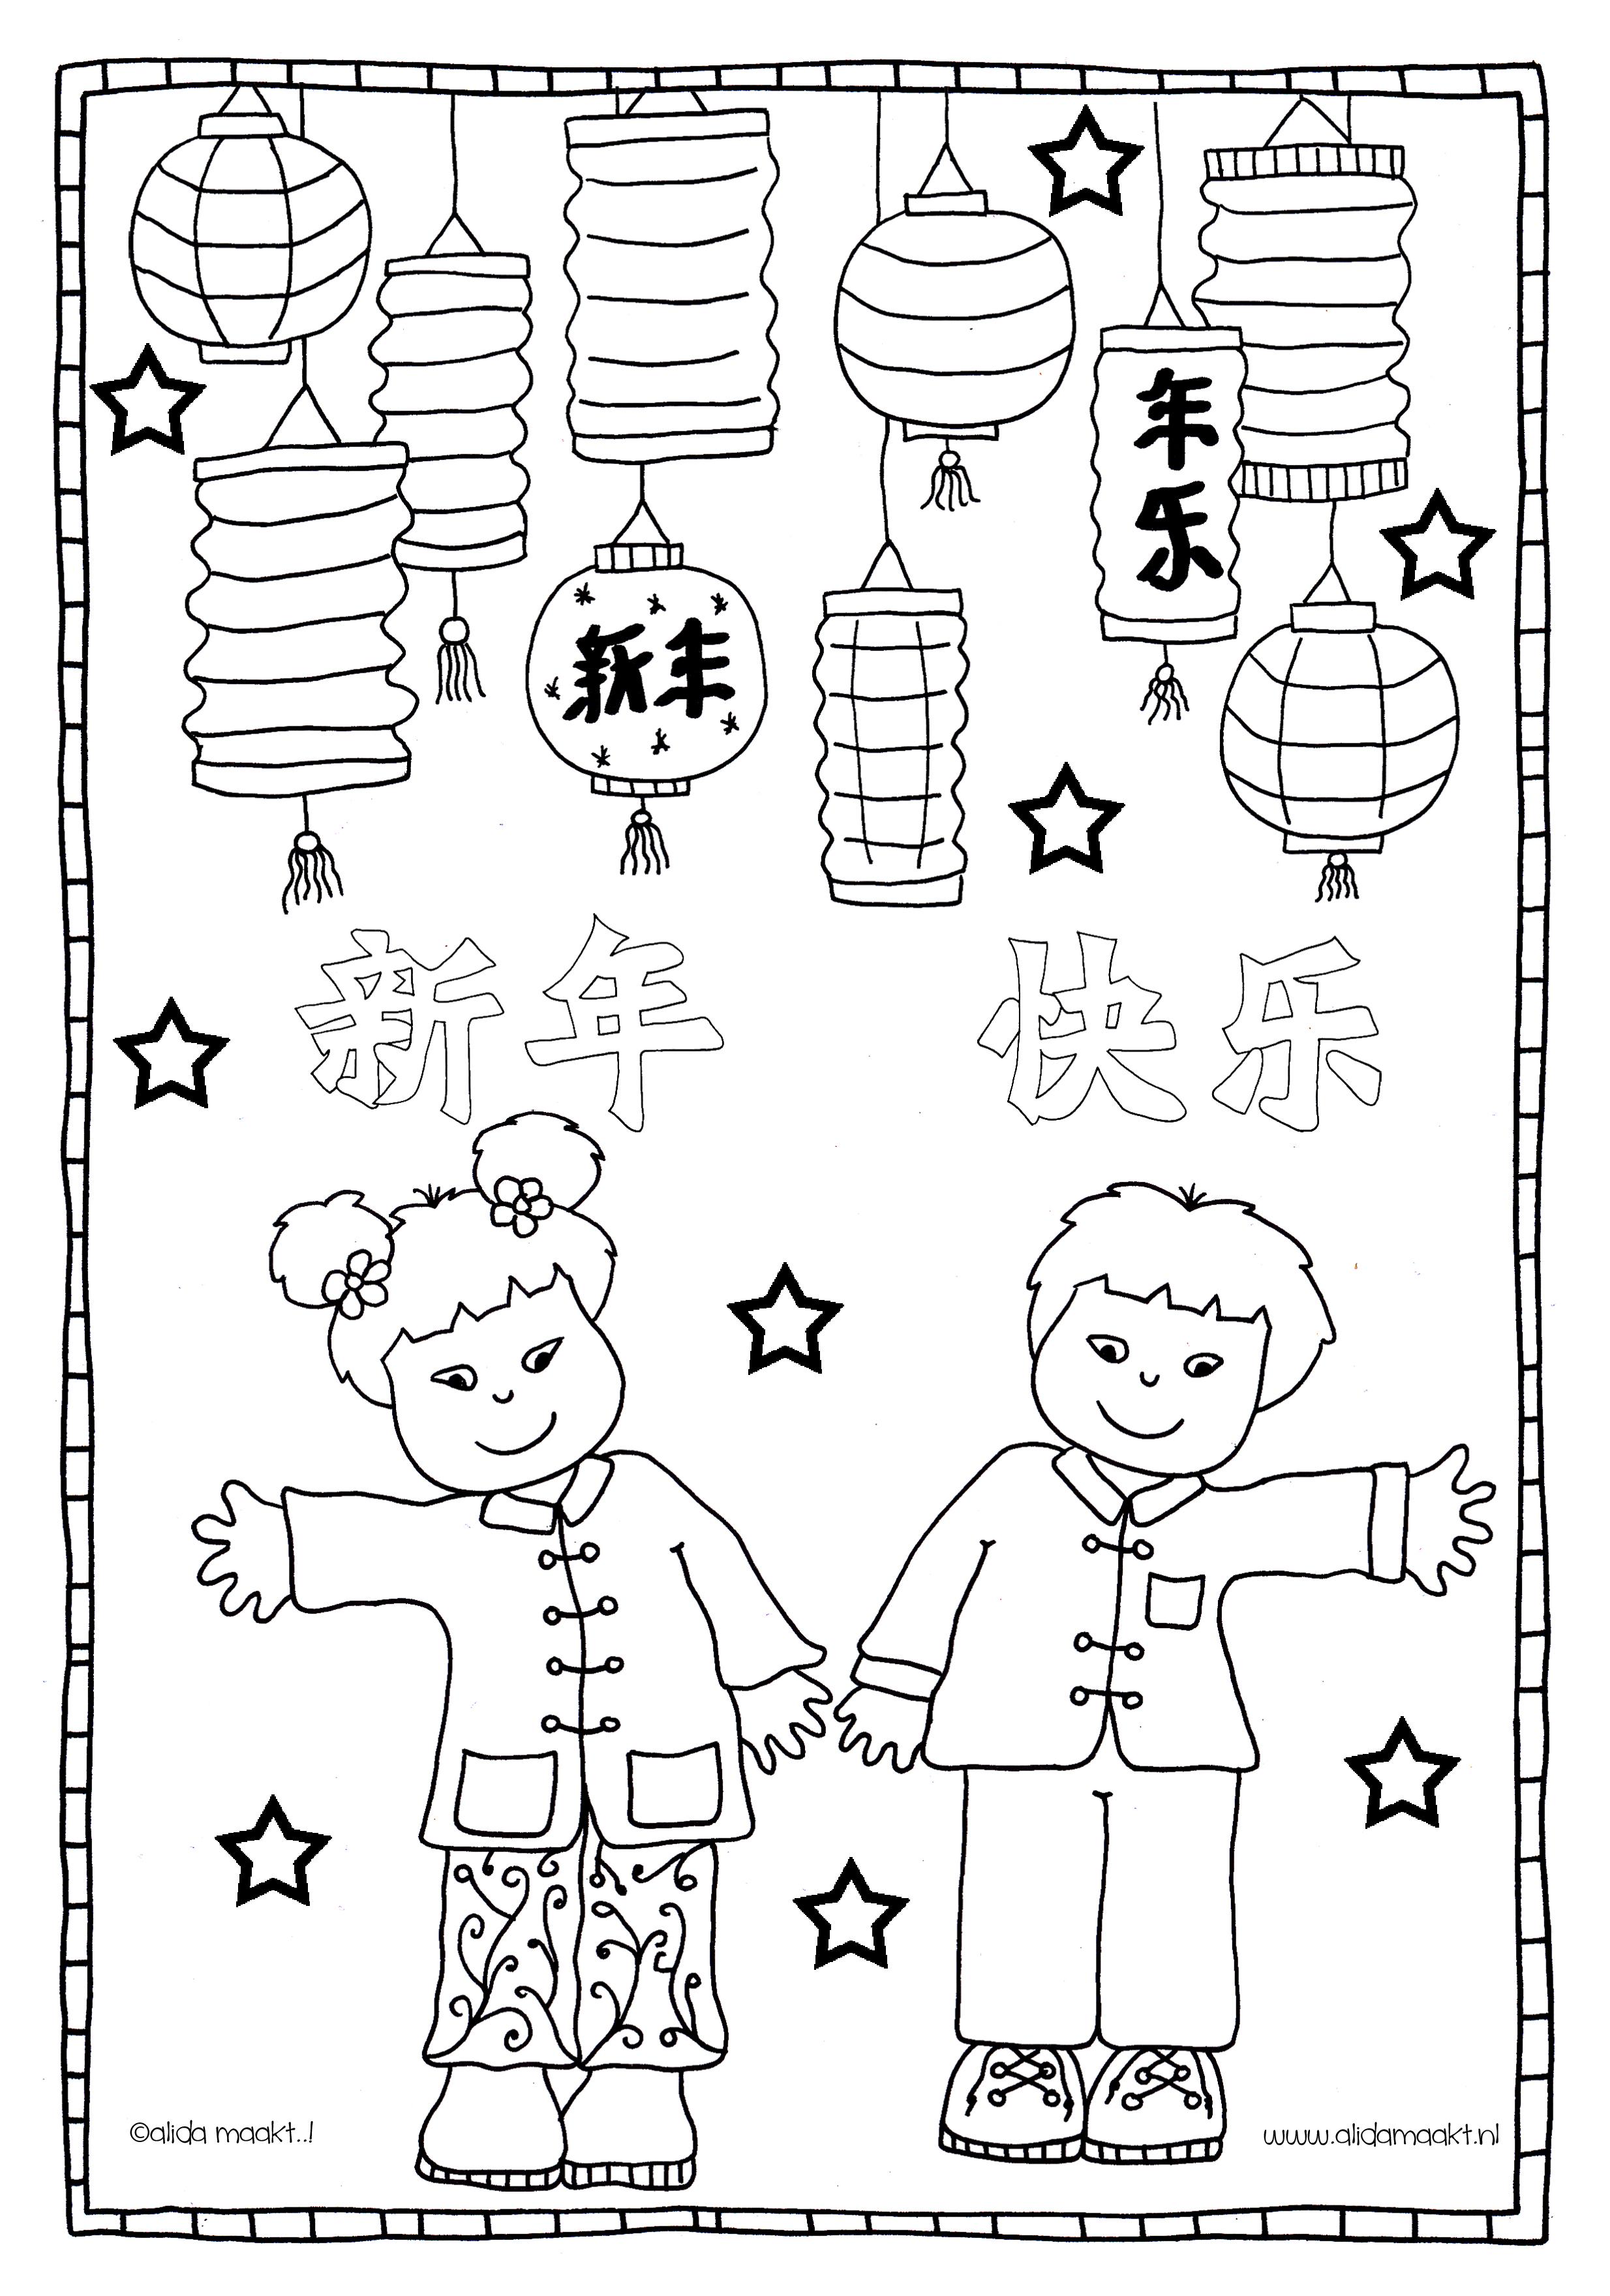 Kleurplaten Gelukkig Nieuwjaar 2019.Kleurplaten Chinees Nieuwjaar Brekelmansadviesgroep